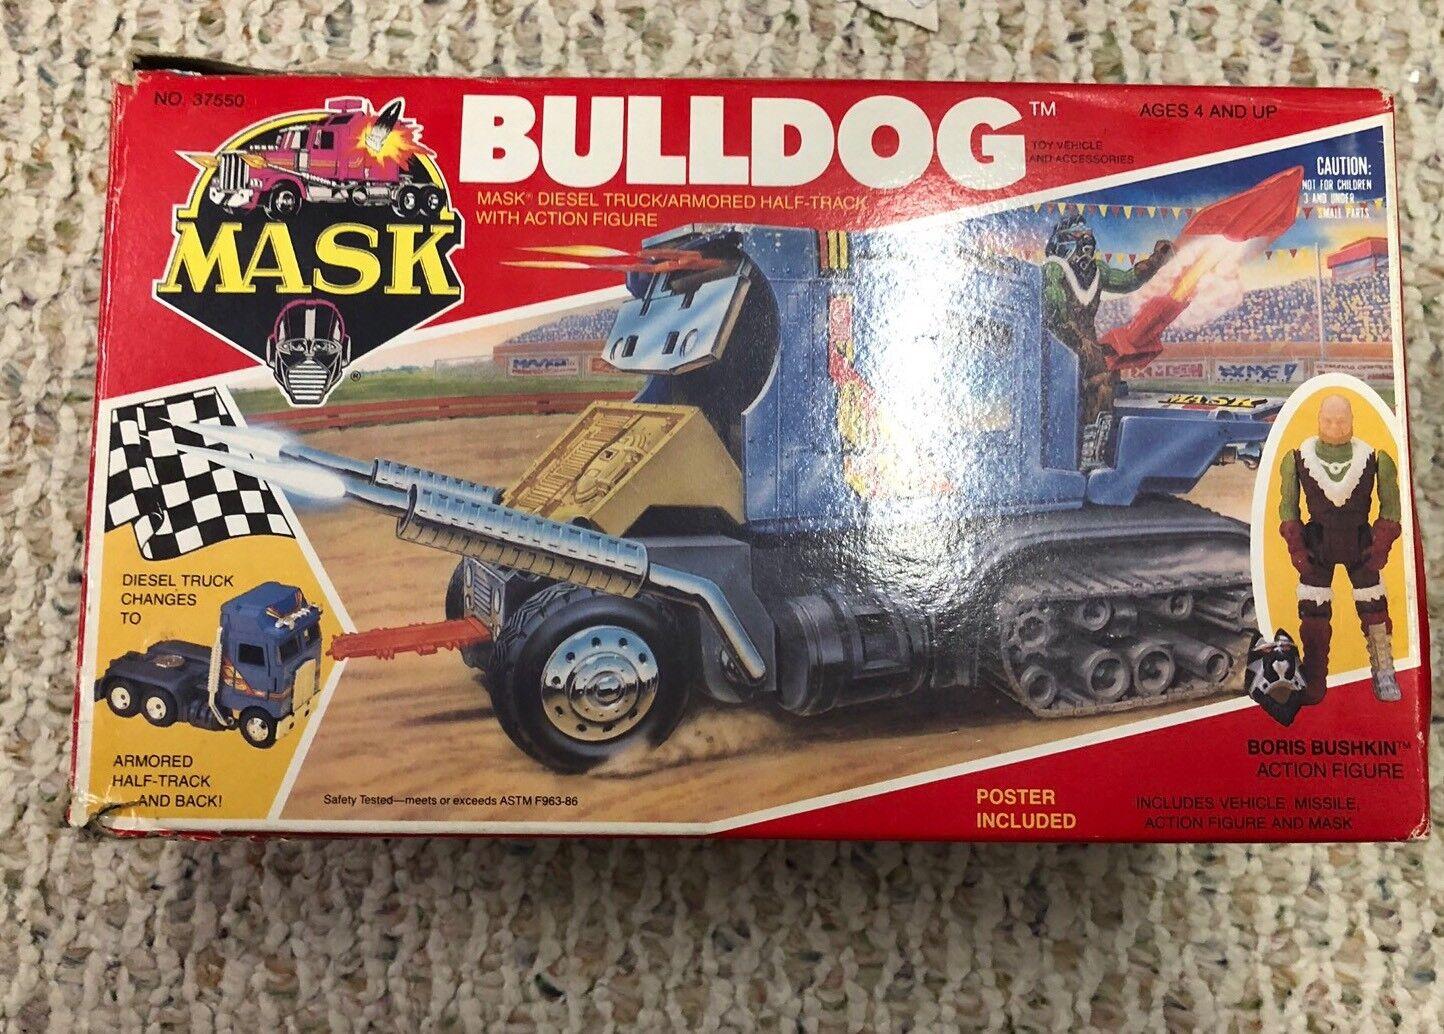 MASK M.A.S.K. Bulldog Bull Dog Dog Dog Lot d72b28